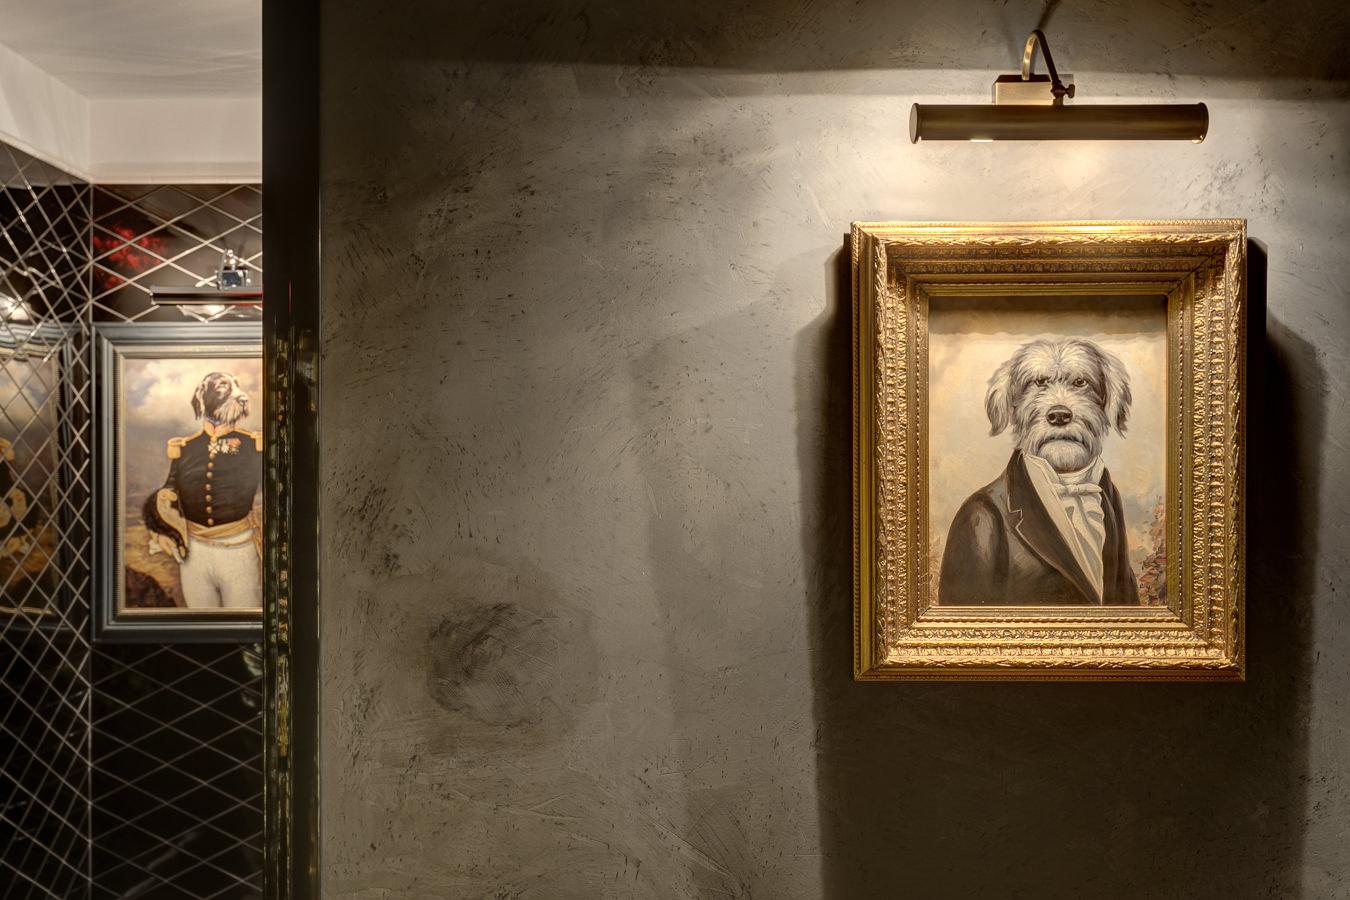 CITY BISTRO, Γιώργος Φάκαρος - Αρχιτεκτονική Φωτογραφία | Εσωτερικοί Χώροι | Φωτογραφία Ξενοδοχειών - Photography / Φωτογραφία